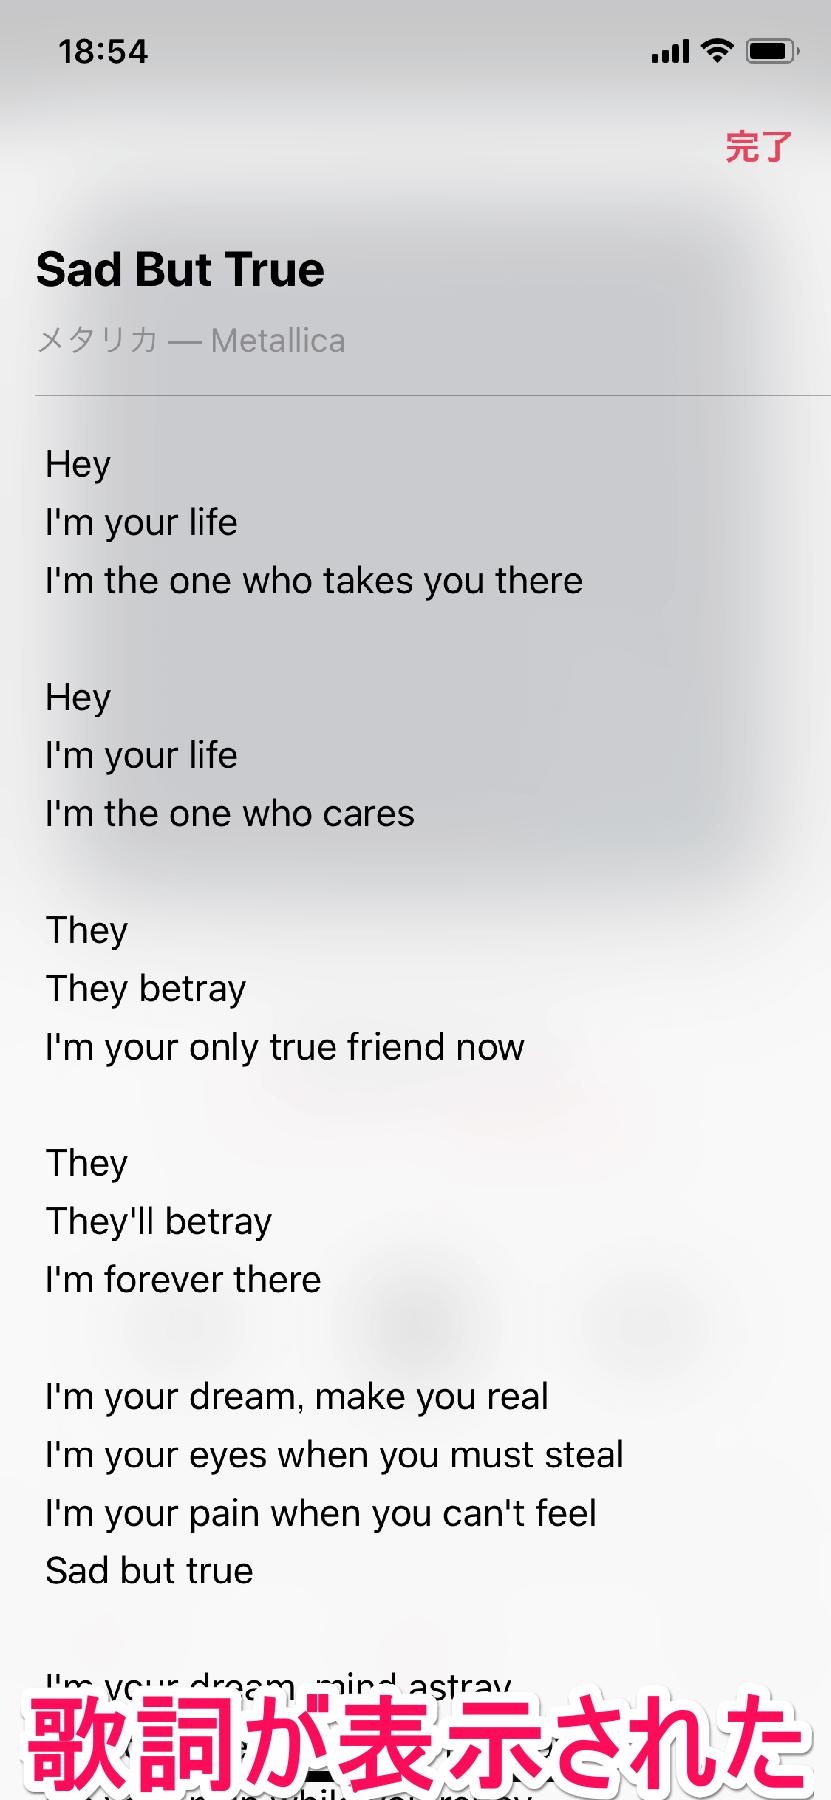 iPhone(アイフォーン、アイフォン)の[ミュージック]アプリで再生している楽曲の歌詞が表示された画面